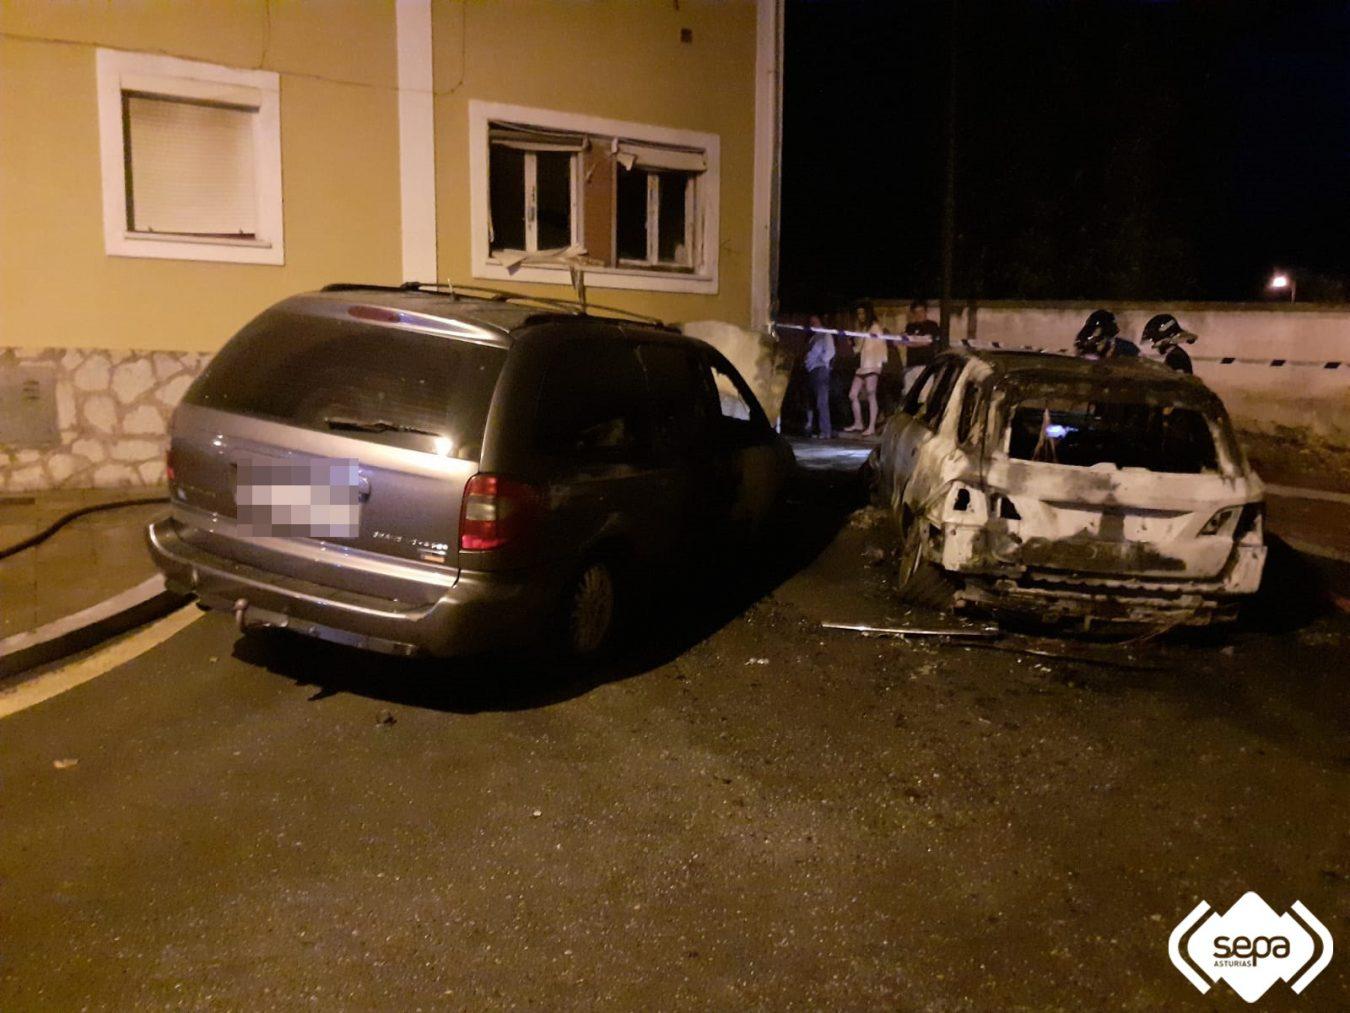 Comunicado del PSOE de Llanes ante los incendios de varios coches en la villa